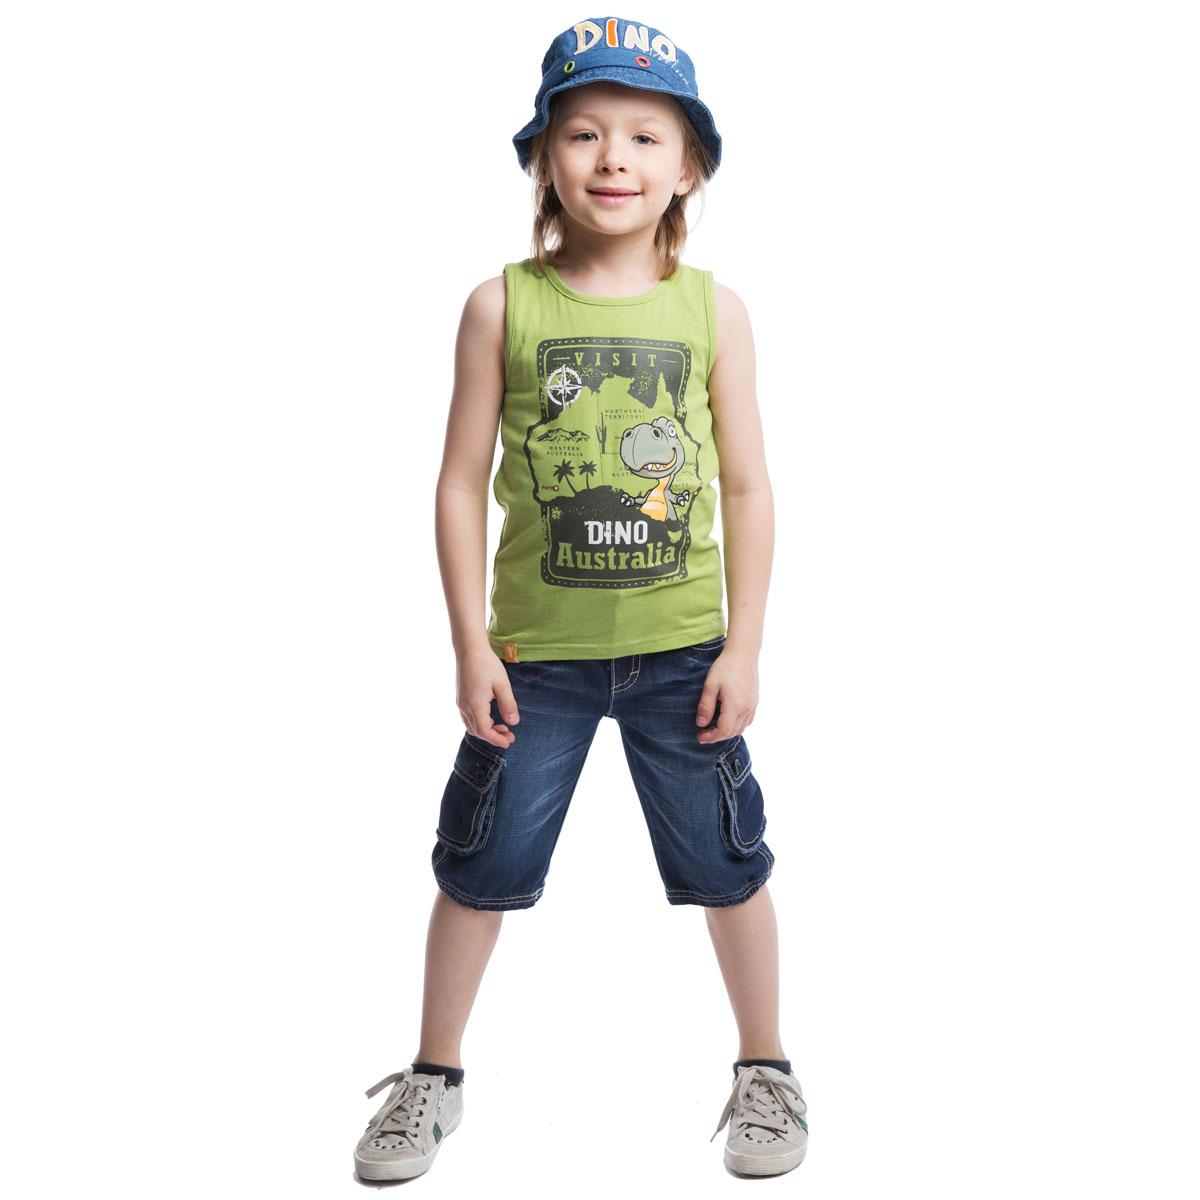 Майка для мальчика. 261016261016Легкая майка для мальчика PlayToday станет отличным дополнением к детскому гардеробу. Изготовленная из эластичного хлопка, она мягкая и приятная на ощупь, не сковывает движения и позволяет коже дышать. Майка с круглым вырезом горловины оформлена спереди крупным принтом с изображением динозавра и надписью Visit Dino Australia. Изделие украшено небольшой текстильной нашивкой. Такая майка несомненно понравится маленькому первооткрывателю. В ней ребенку будет удобно и комфортно.